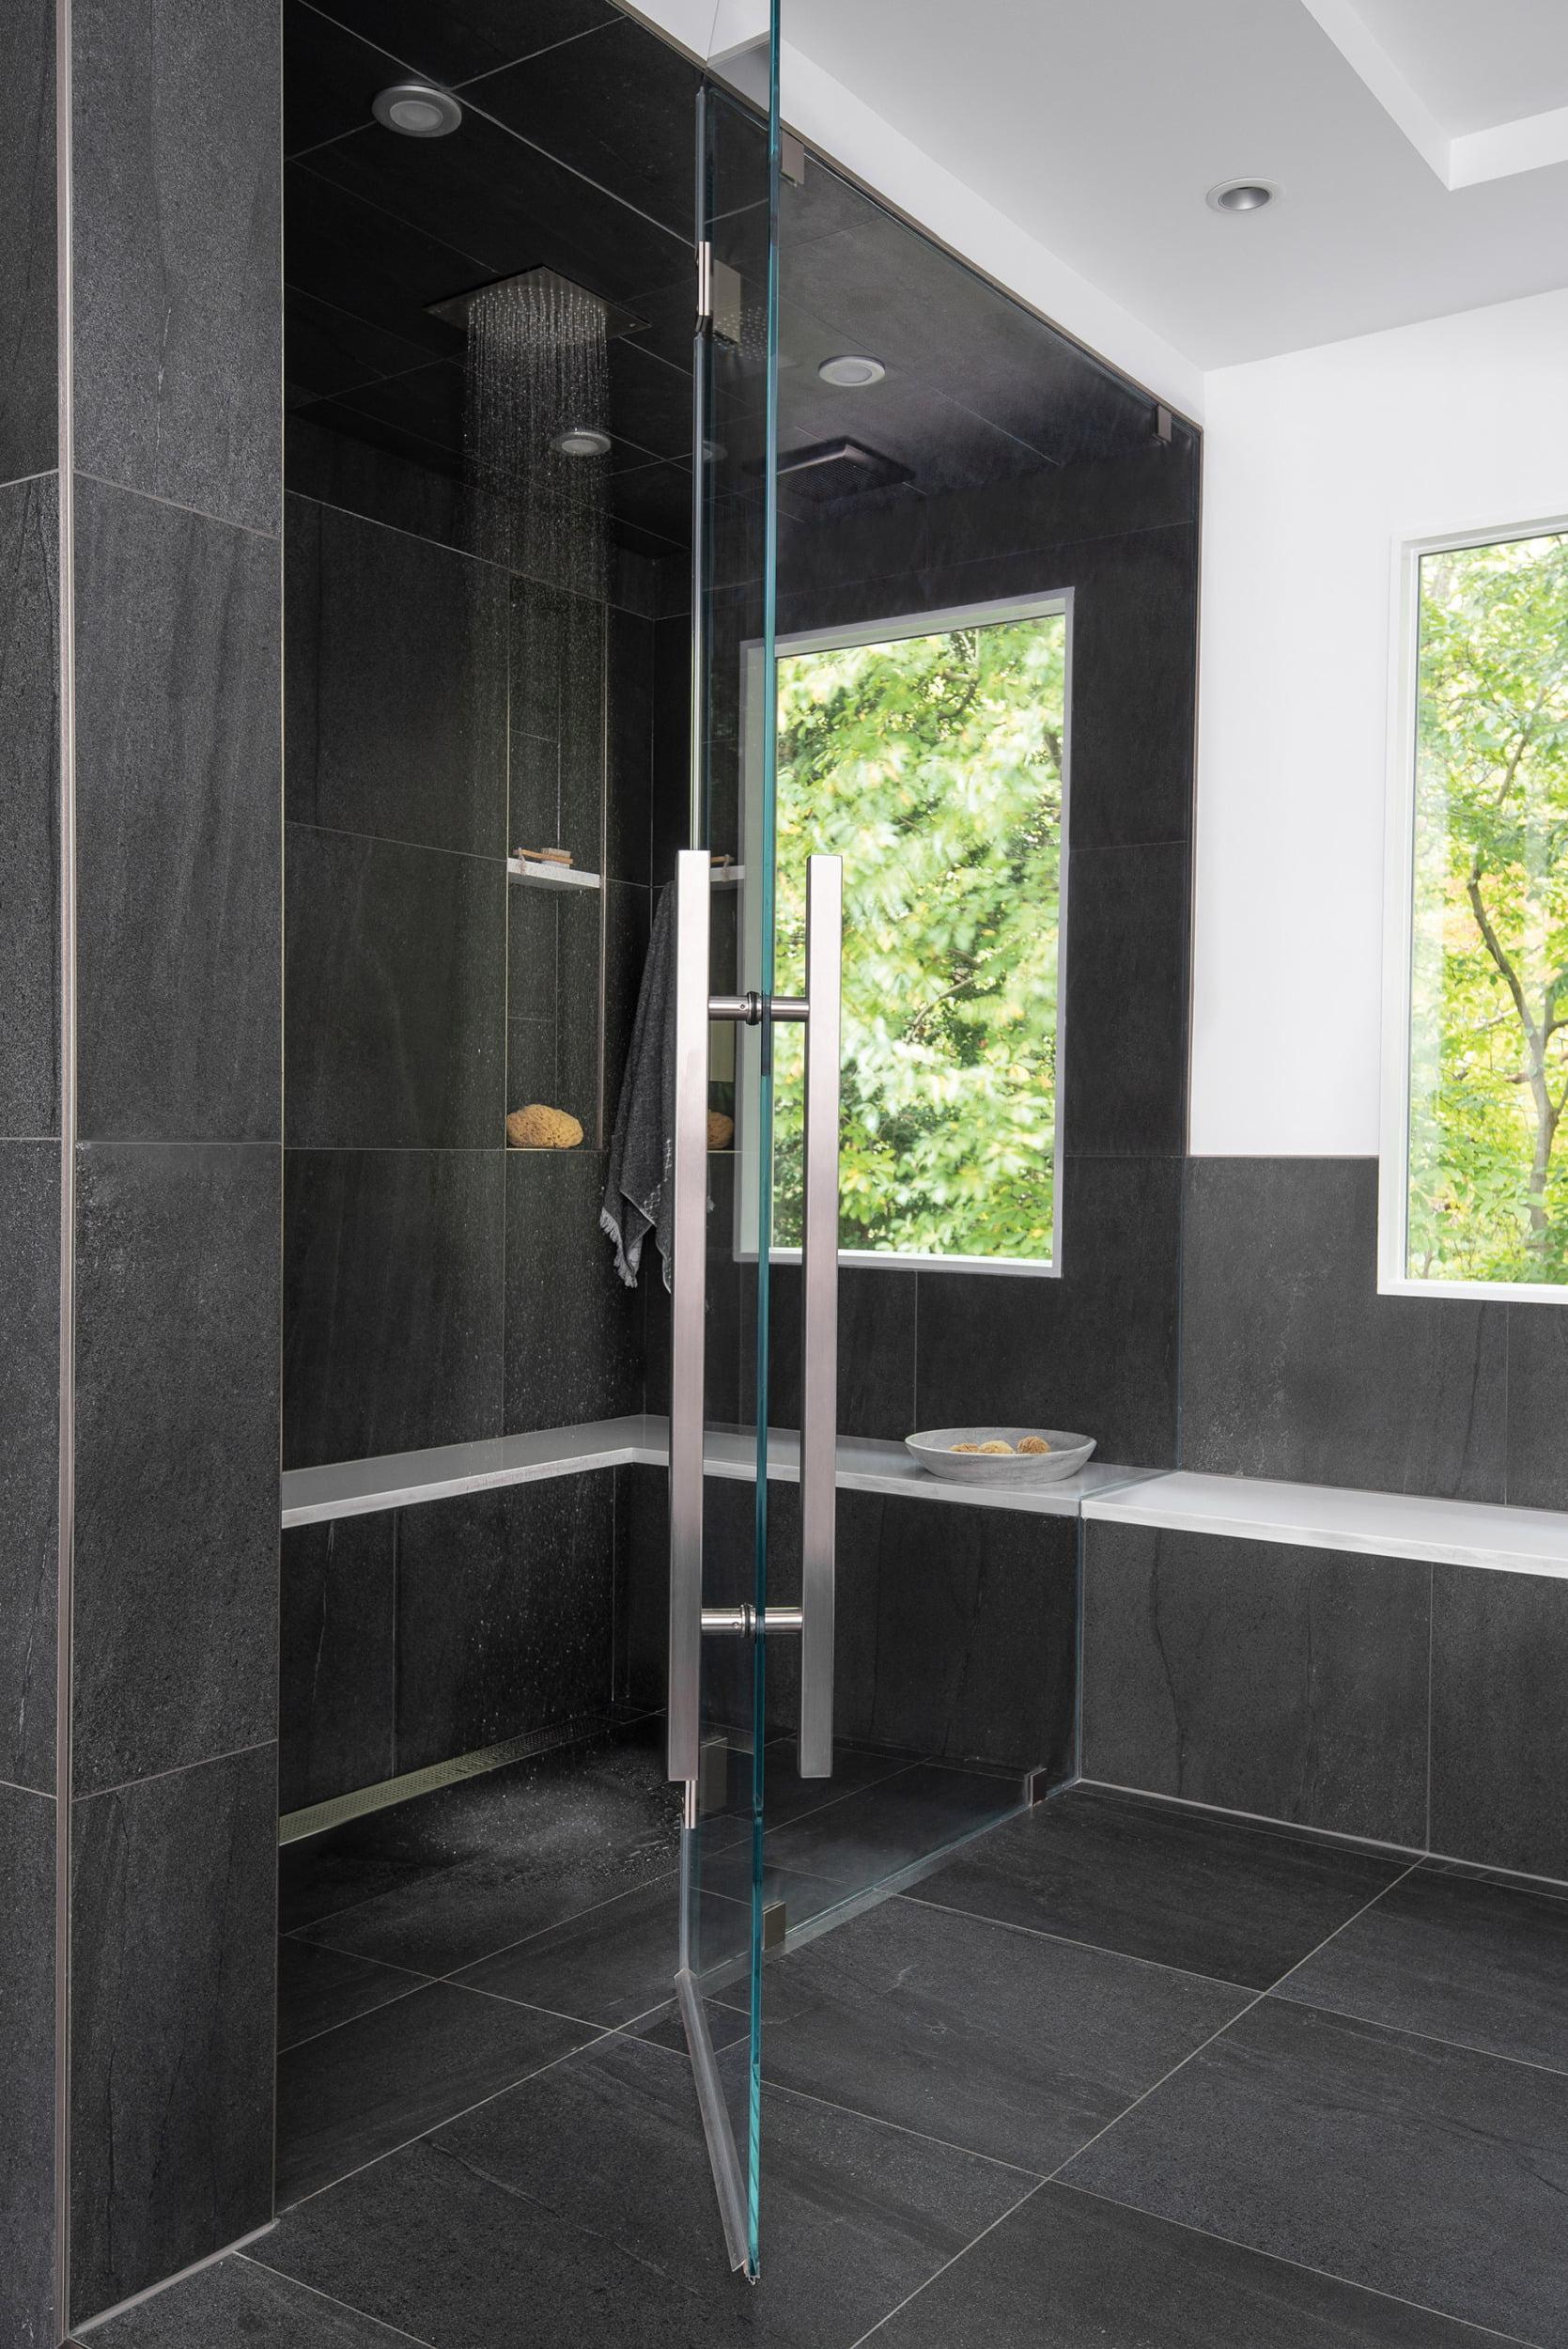 浴缸和蒸汽淋浴的大窗户